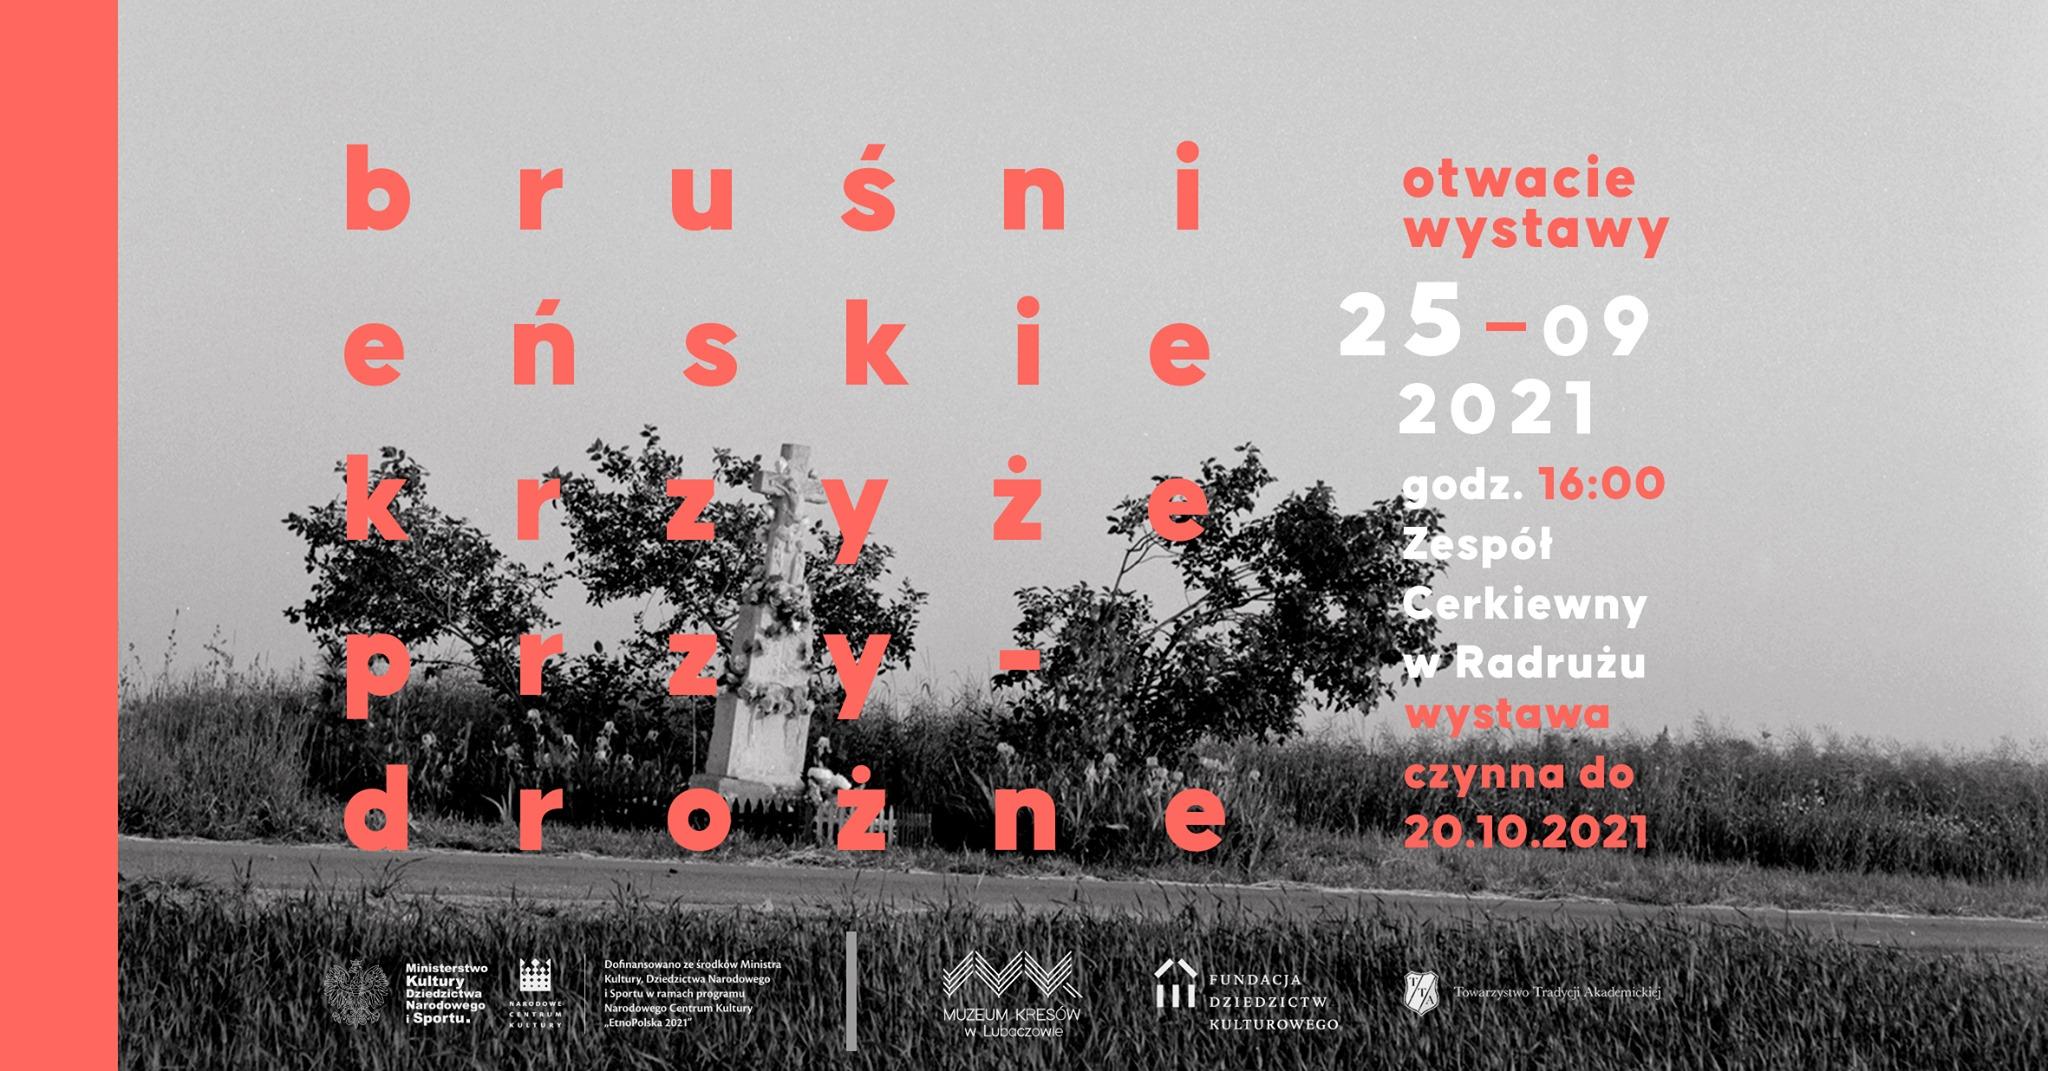 Zaproszenie na wernisaż fotografii przydrożnych kamiennych krzyży bruśnieńskich w Radrużu